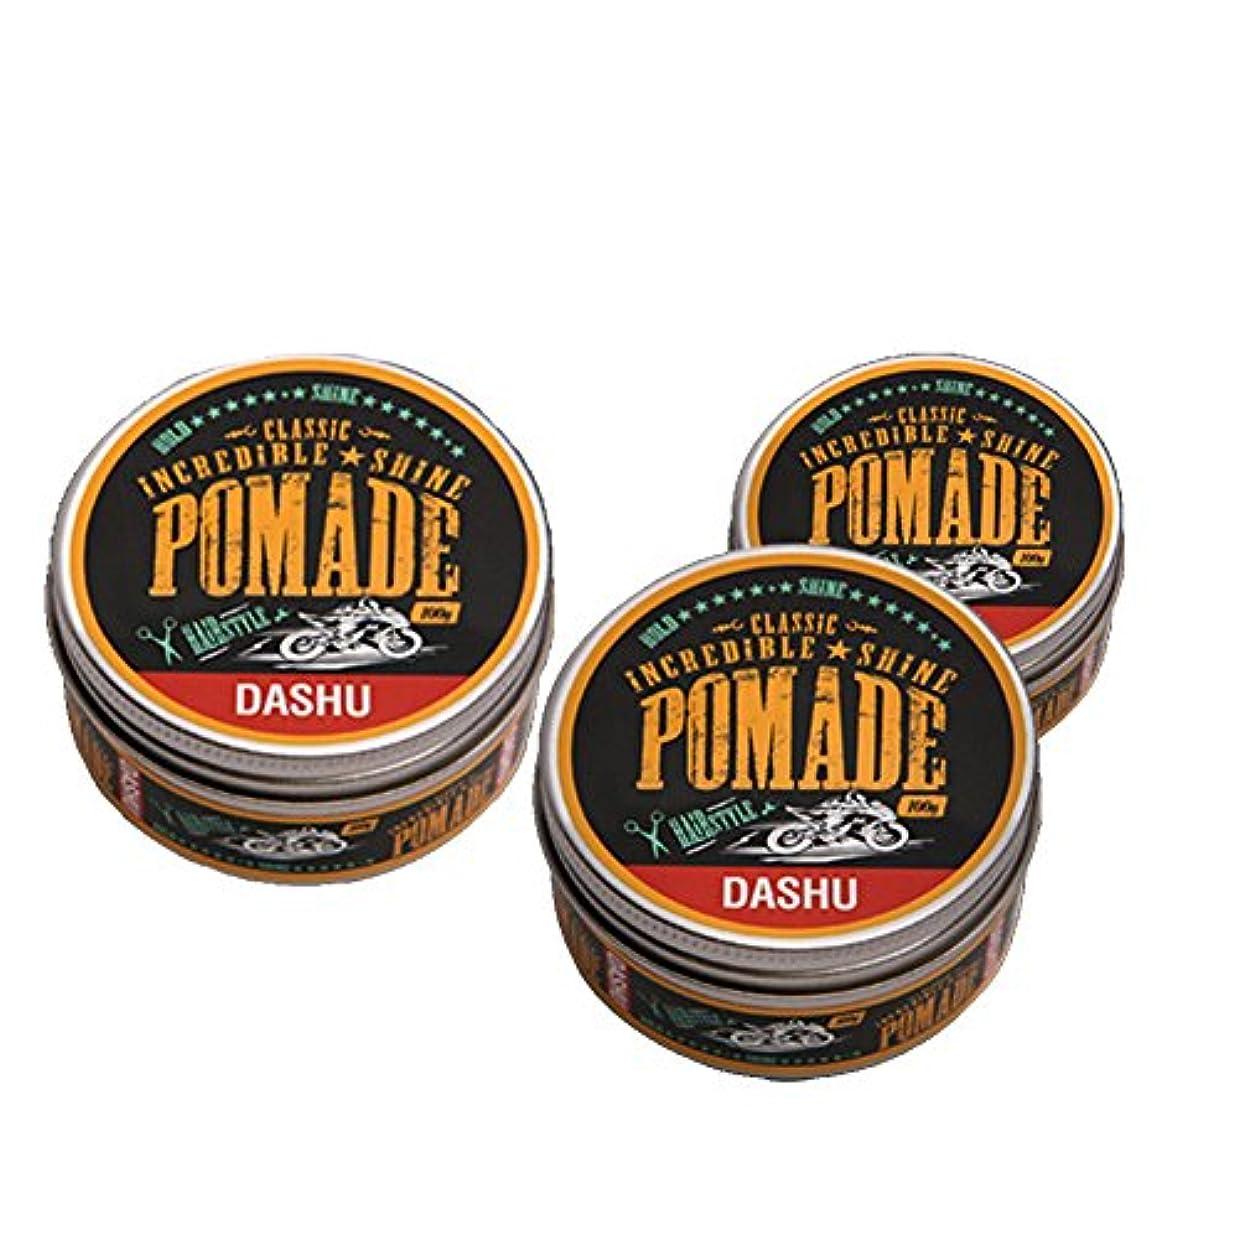 ダンプガラスコカイン(3個セット) x [DASHU] ダシュ クラシック 信じられないほどの輝き ポマードワックス Classic Incredible Shine Pomade Hair Wax 100ml / 韓国製 . 韓国直送品